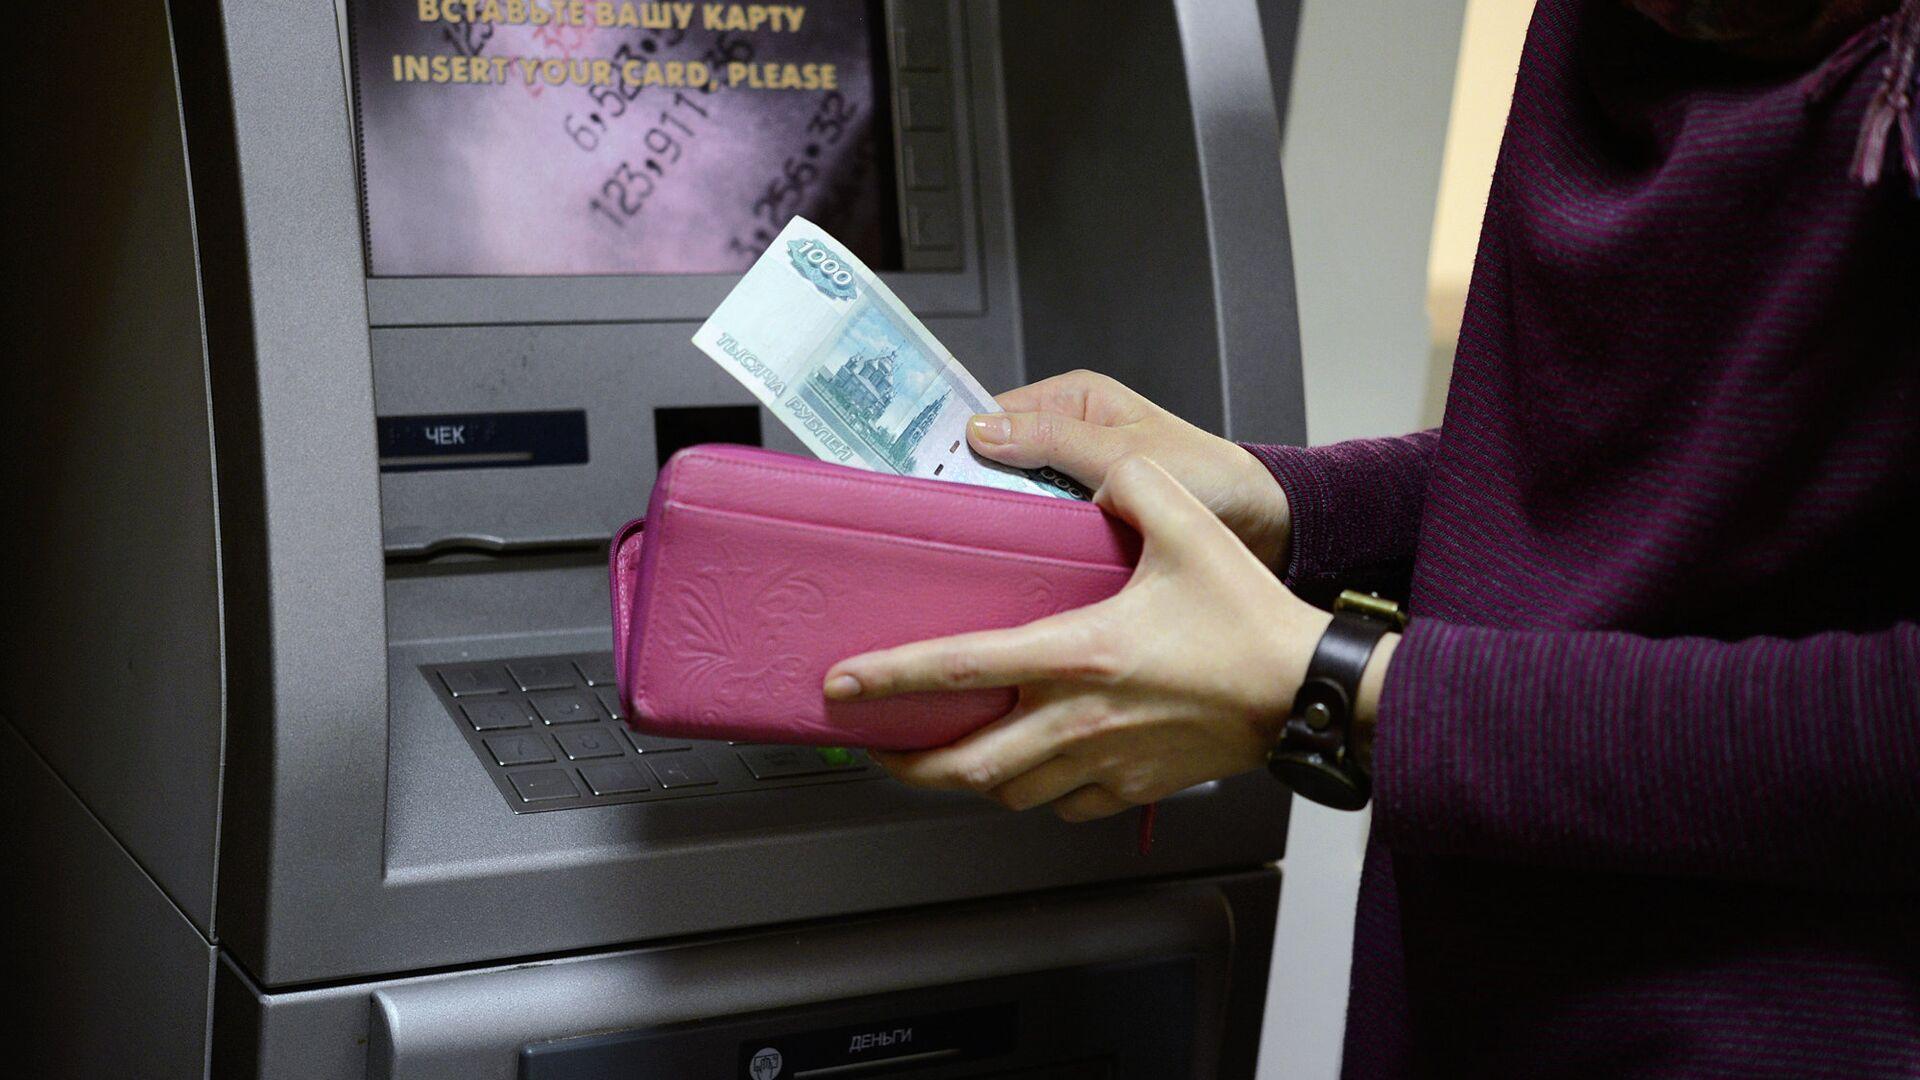 Снятие денег с банковской карты - РИА Новости, 1920, 24.04.2021